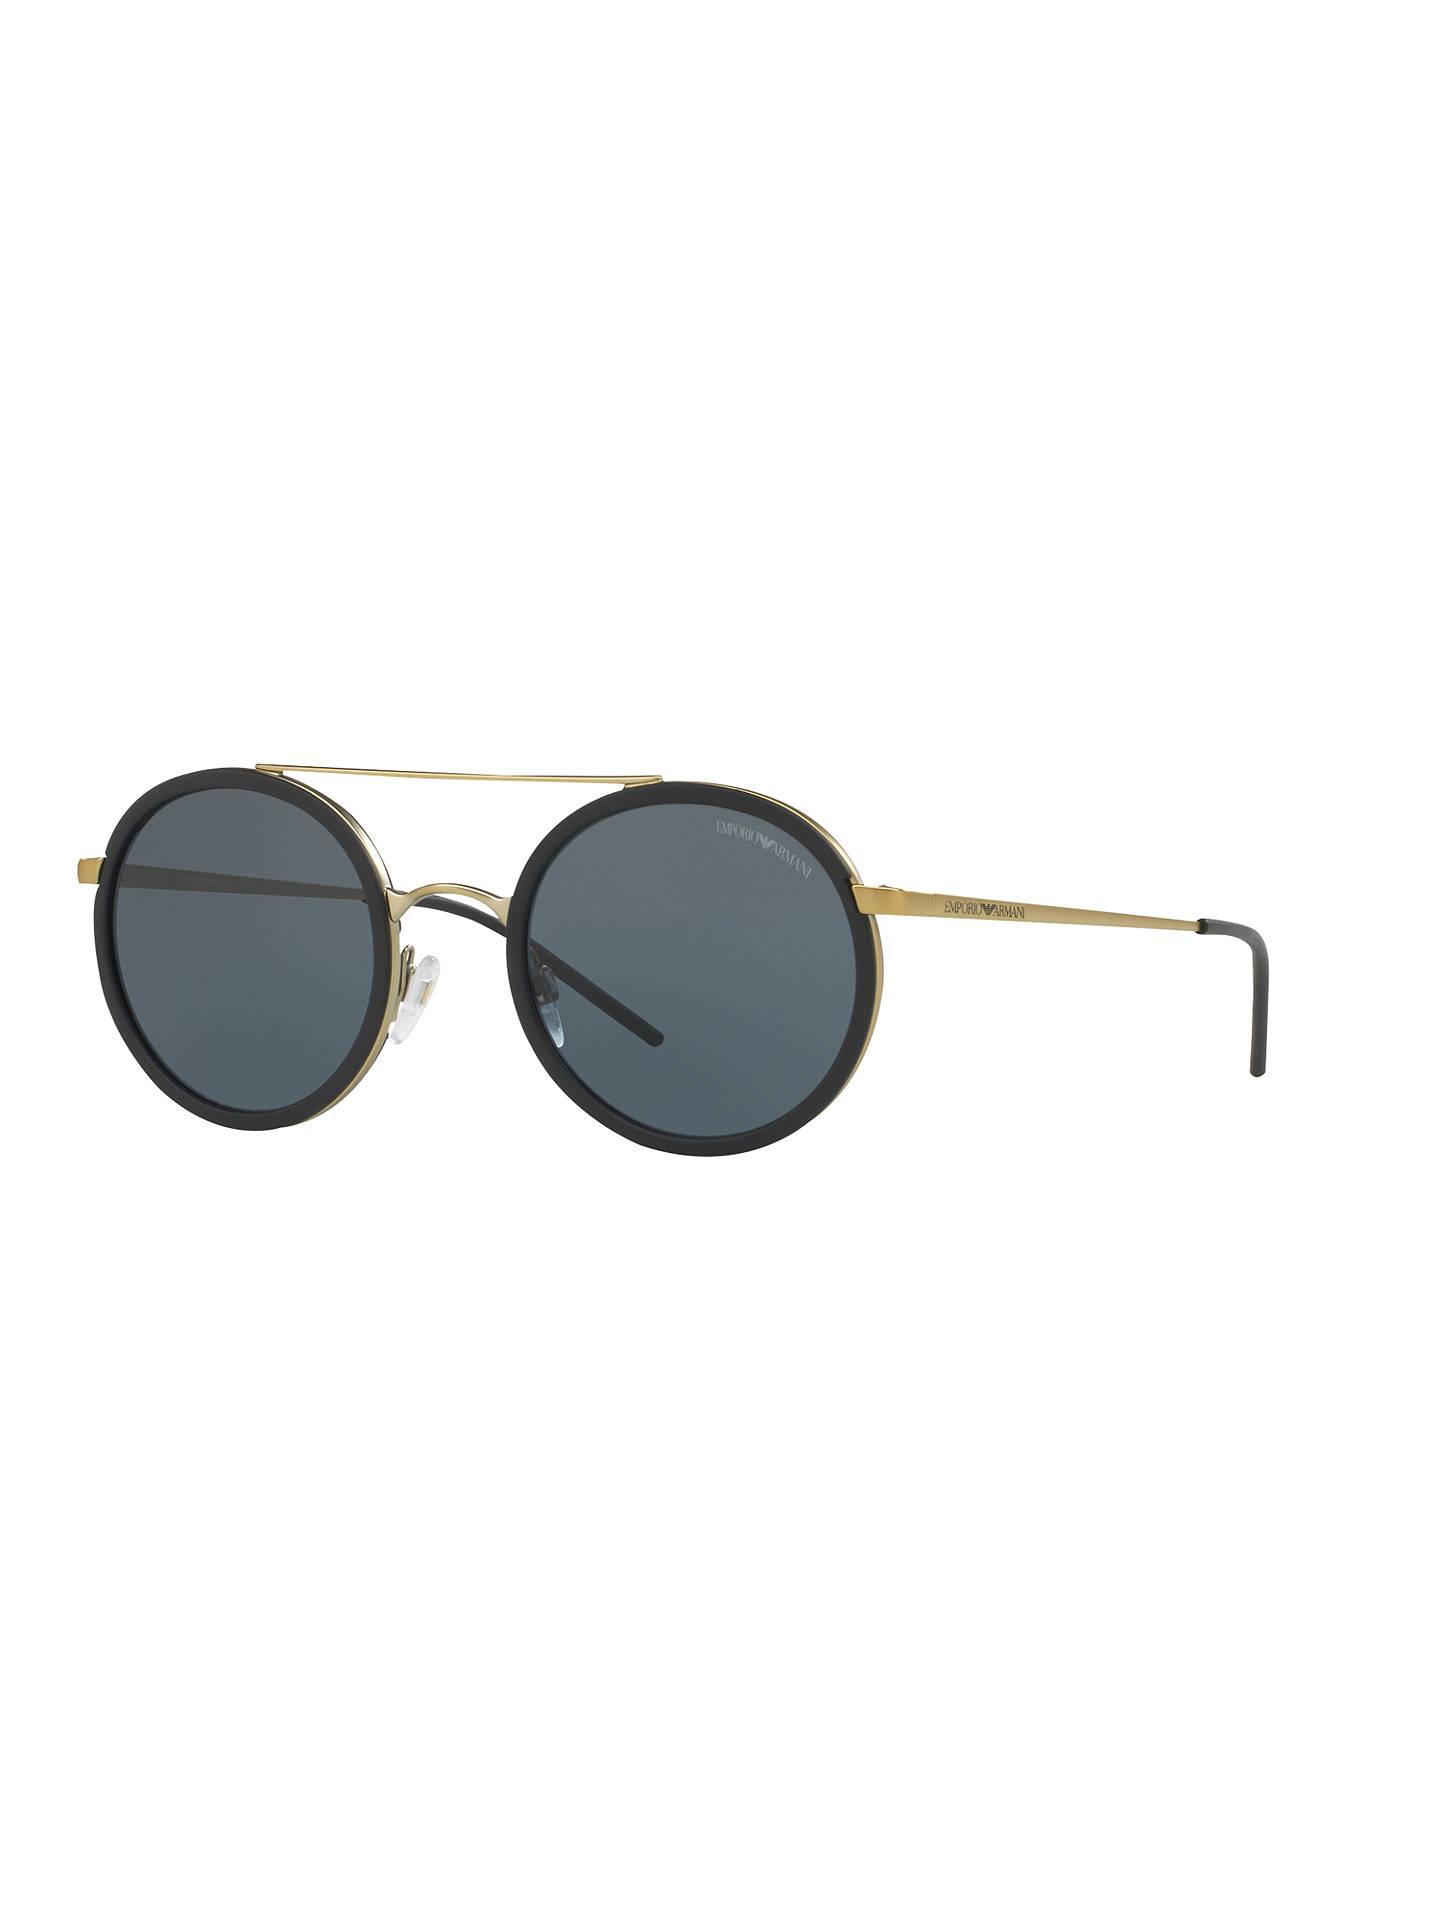 4e9330bec11 Buy Emporio Armani EA2041 Round Sunglasses